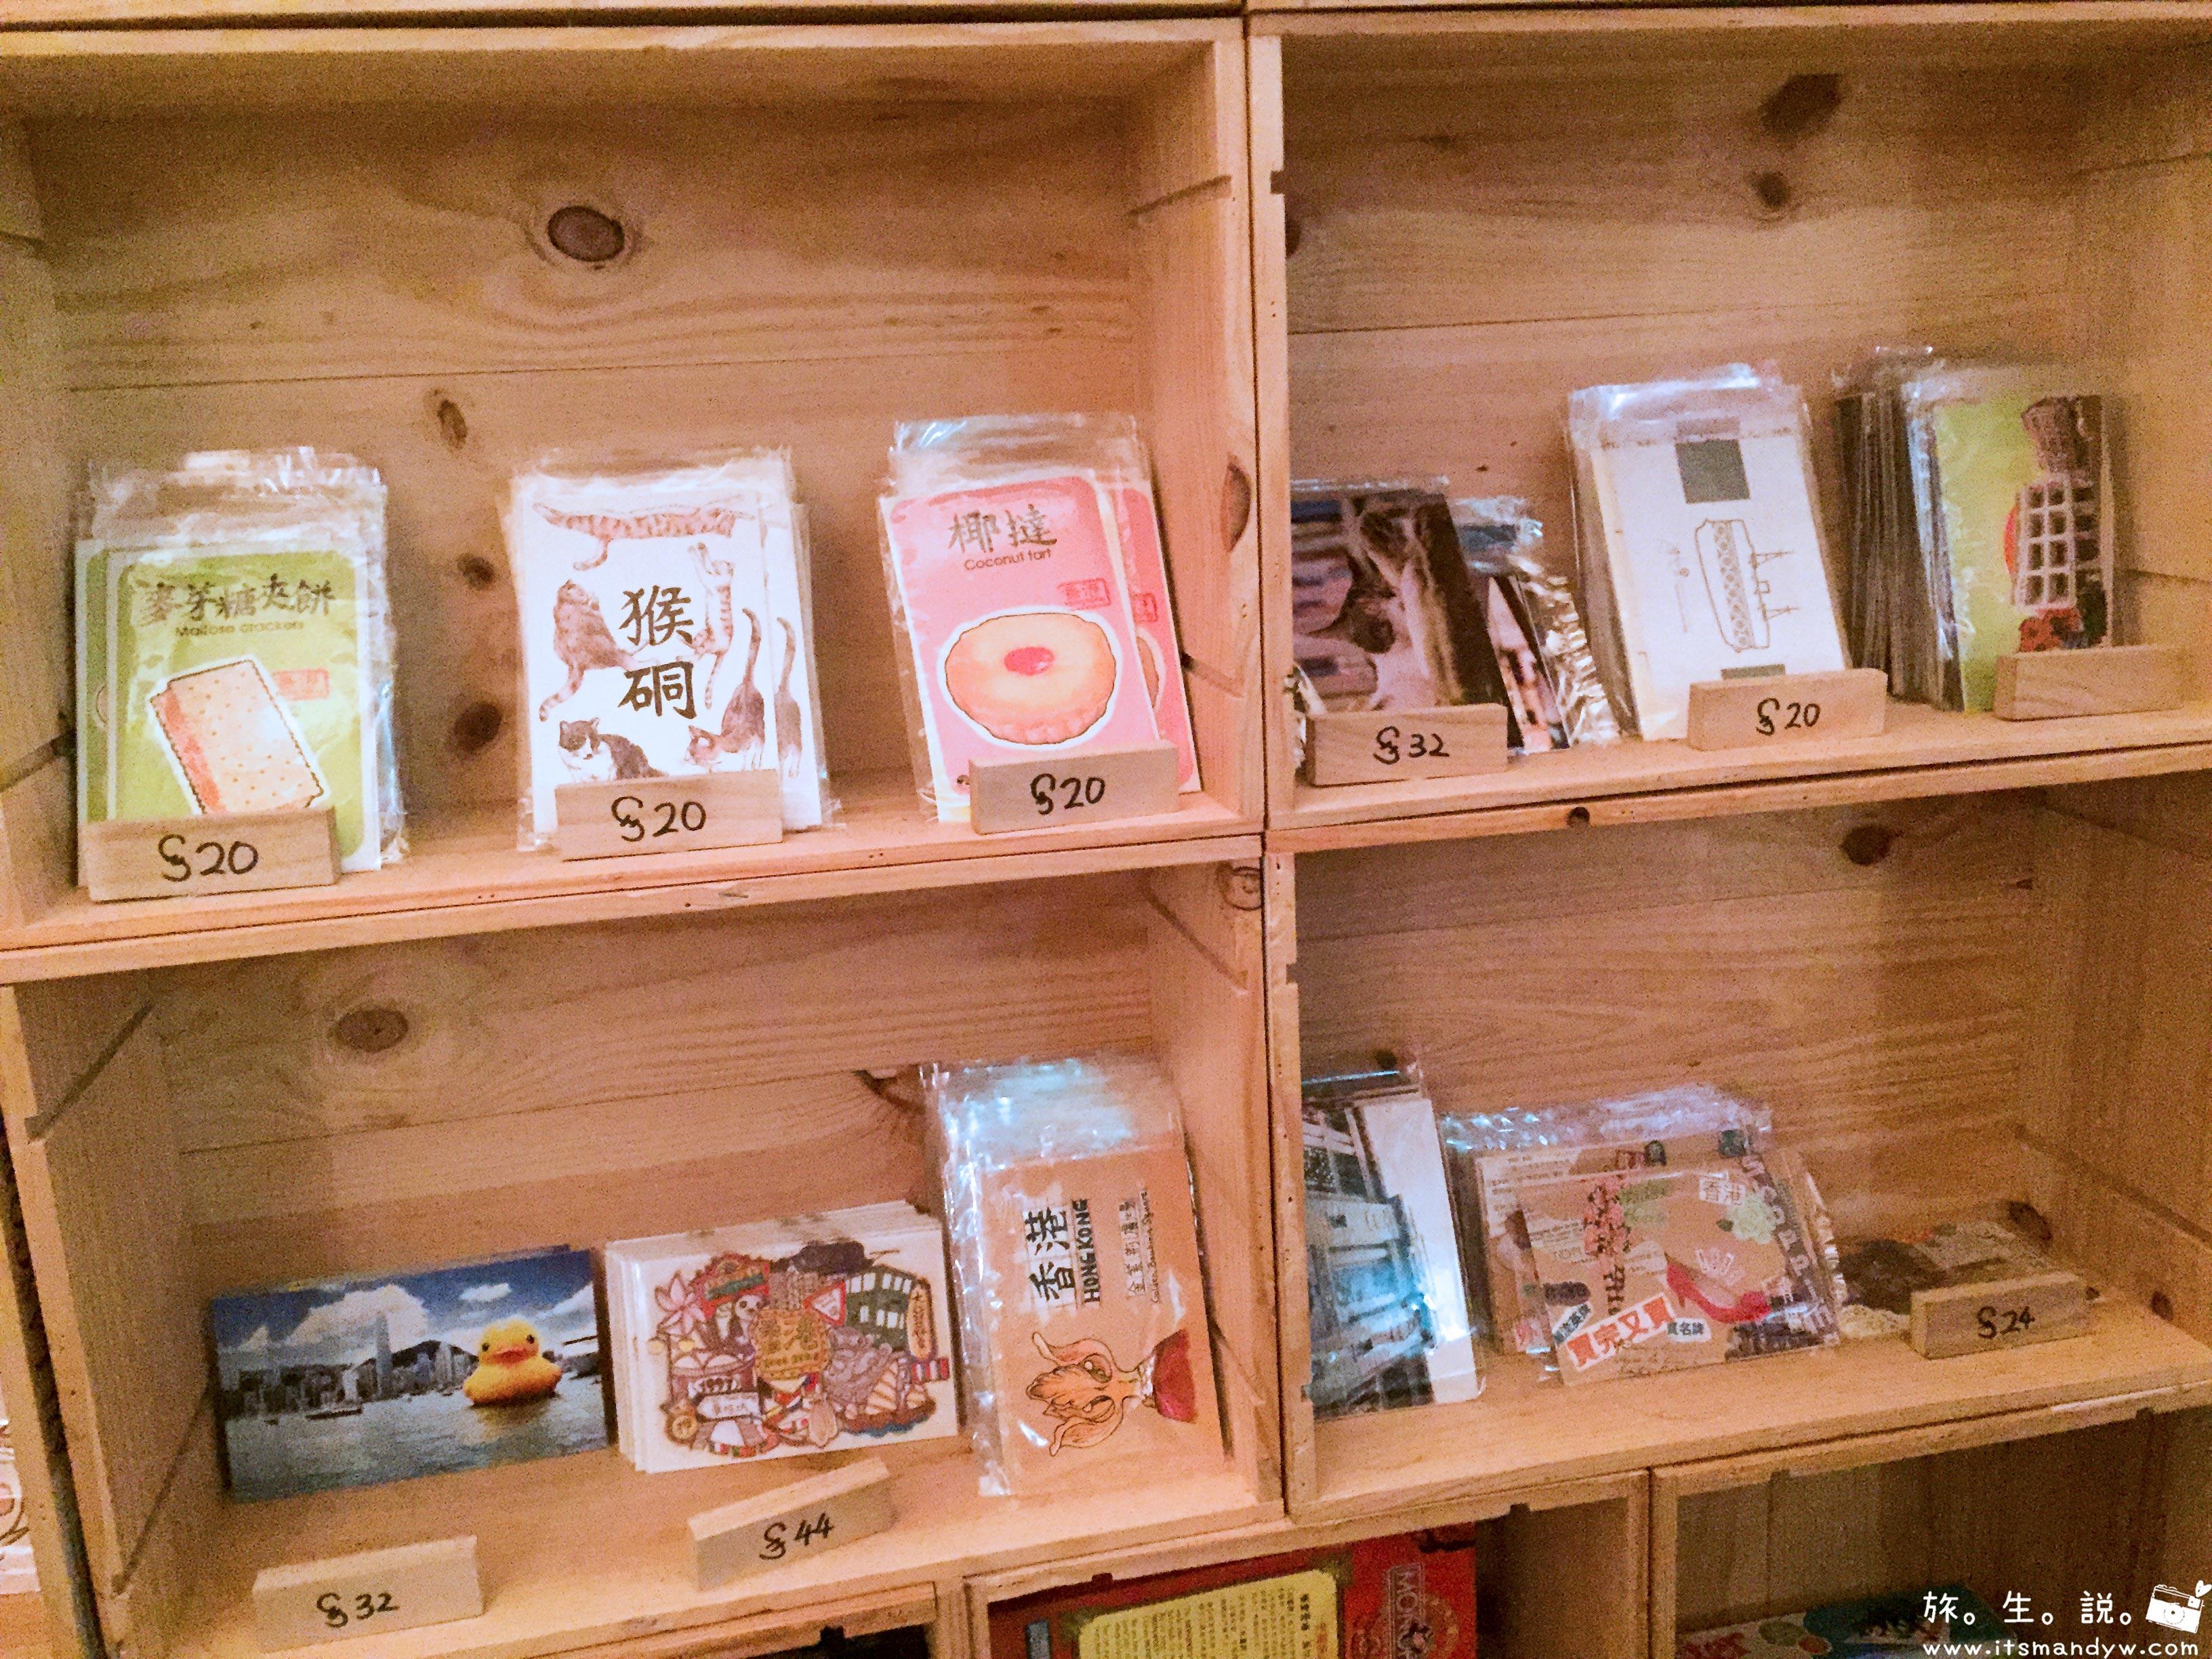 【铜锣湾】 香港邮意明信片主题咖啡厅 *明信片迷必到